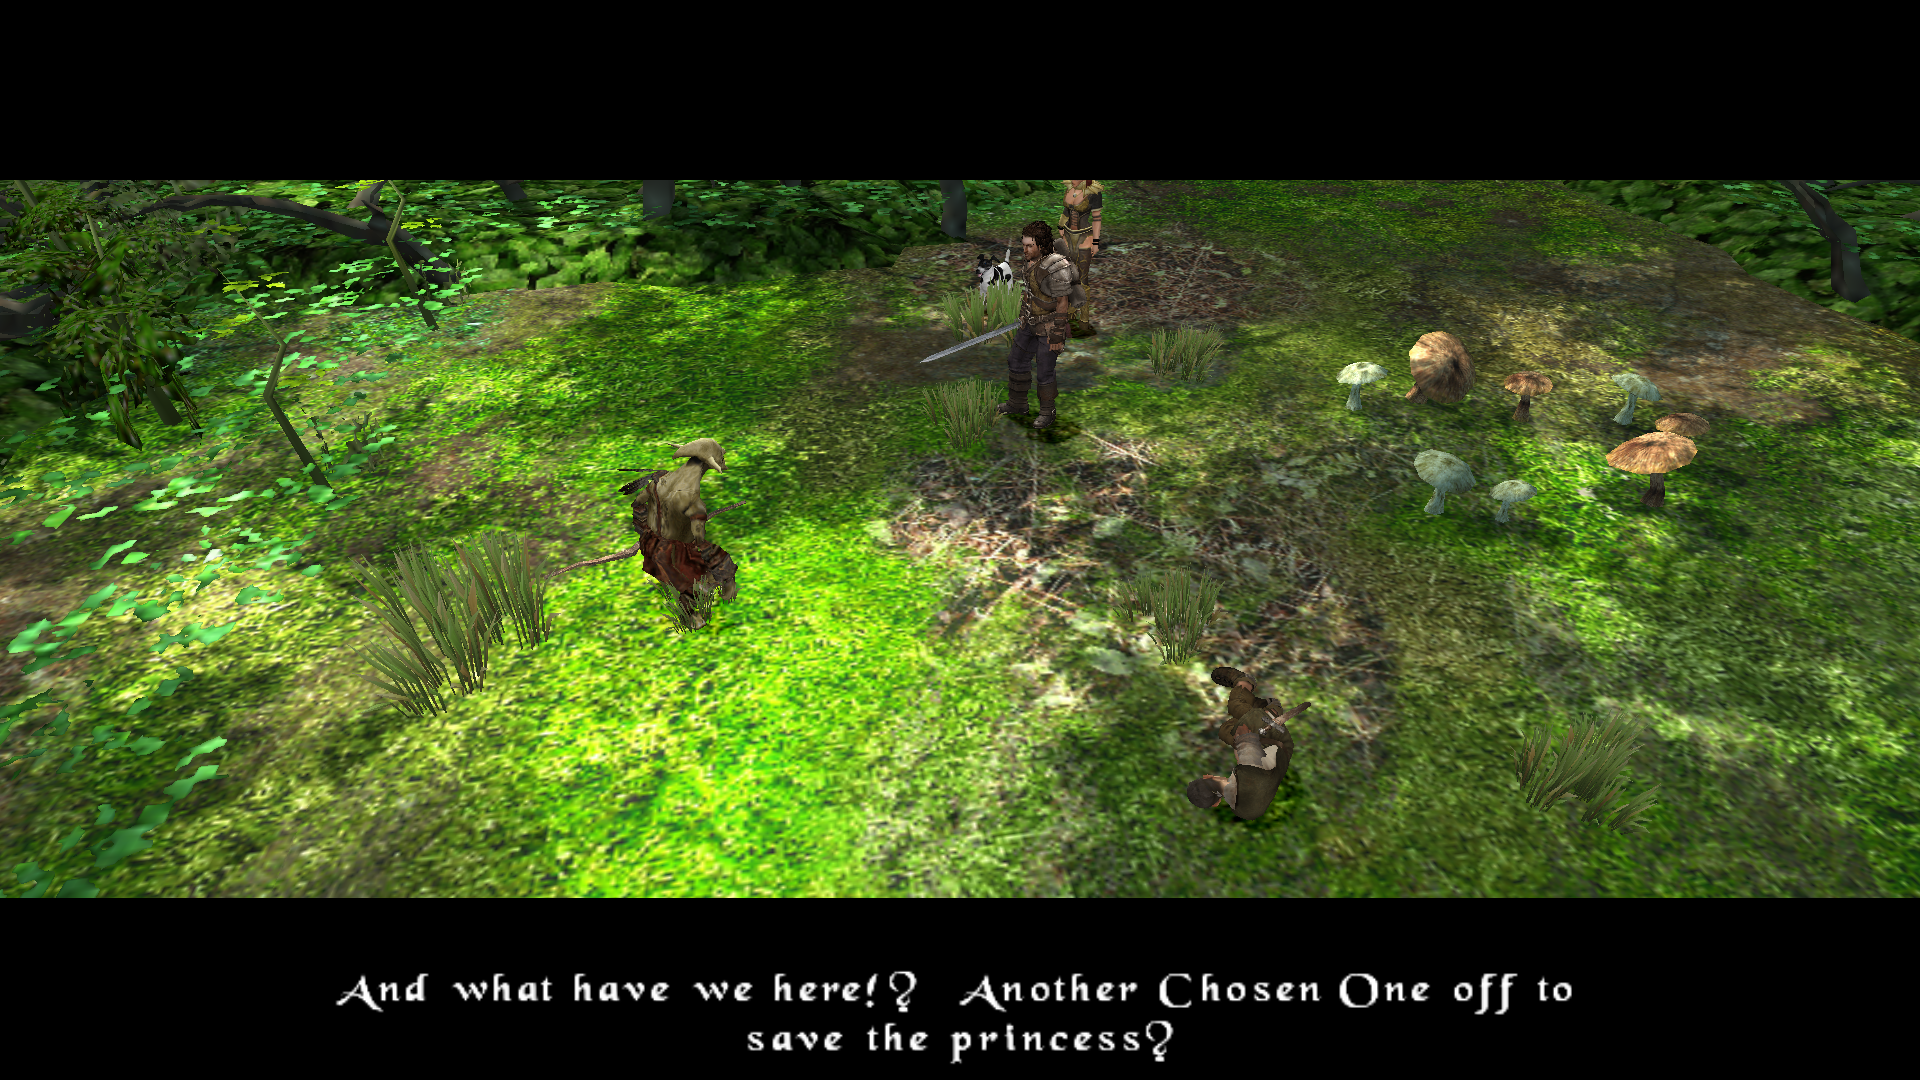 Enemy encounter cut-scene